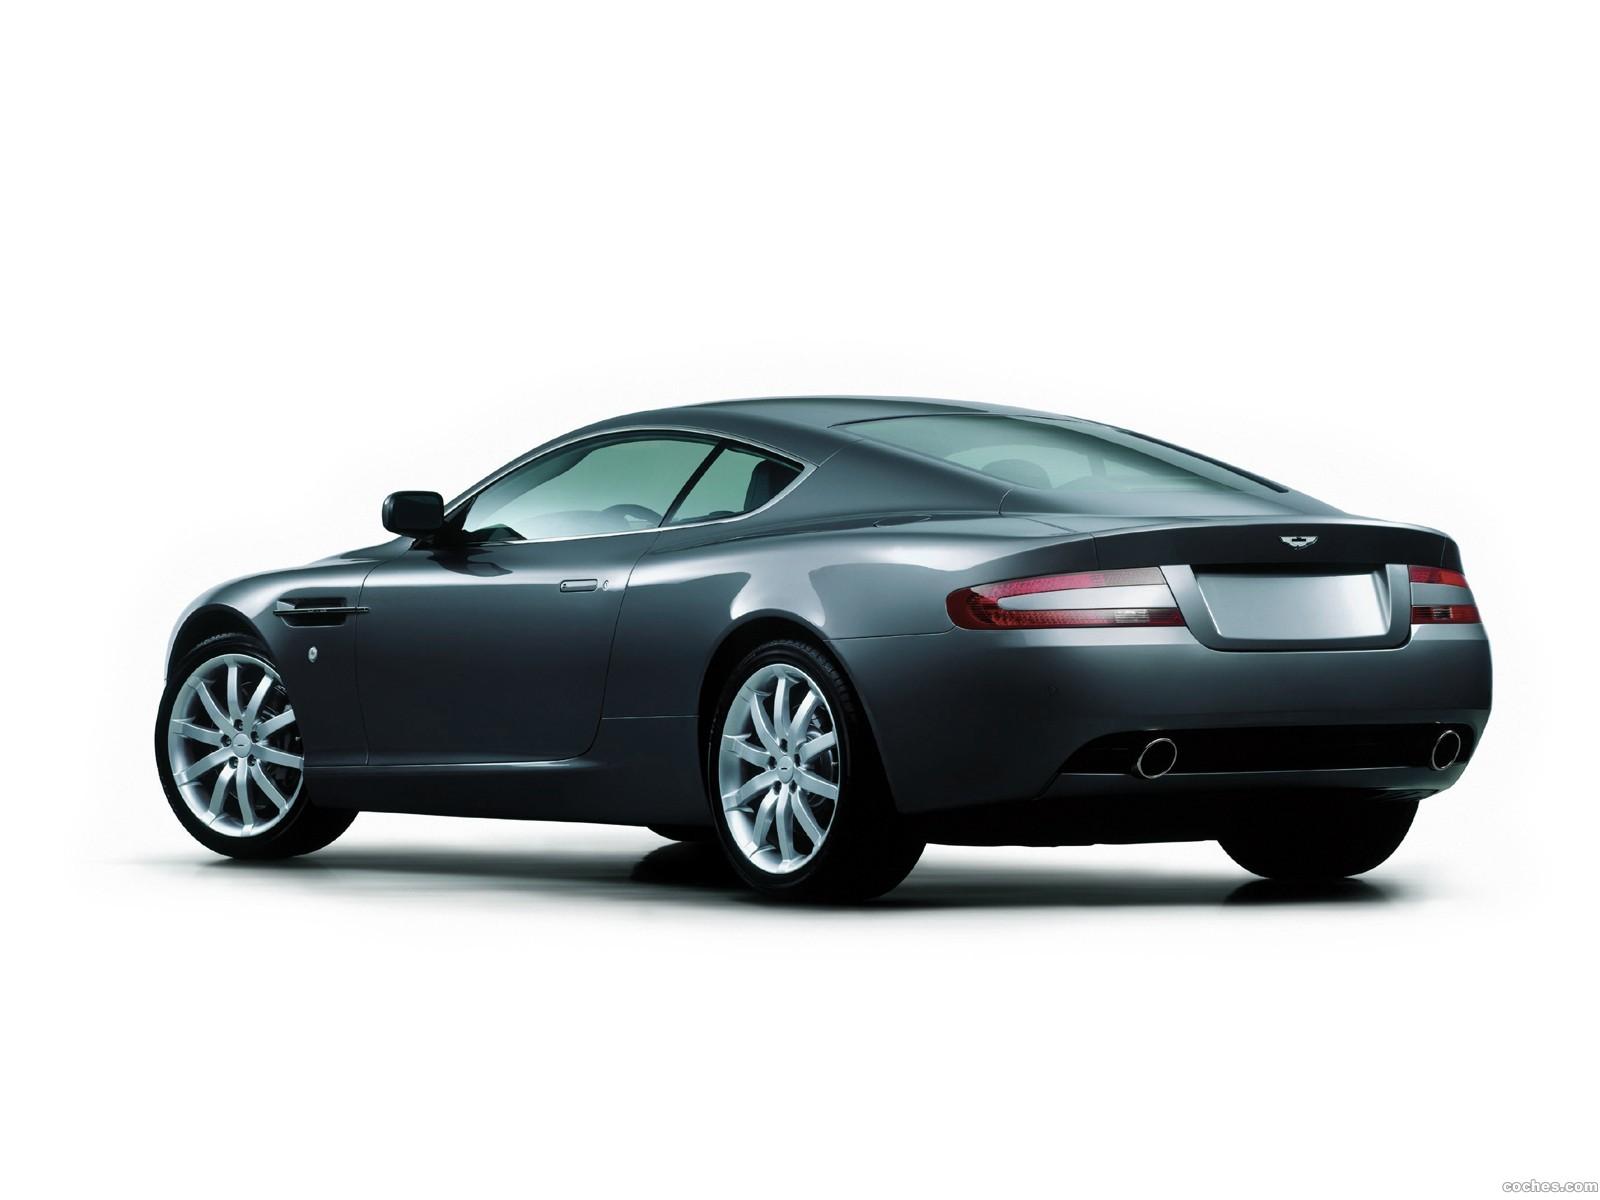 Foto 6 de Aston Martin DB9 2004